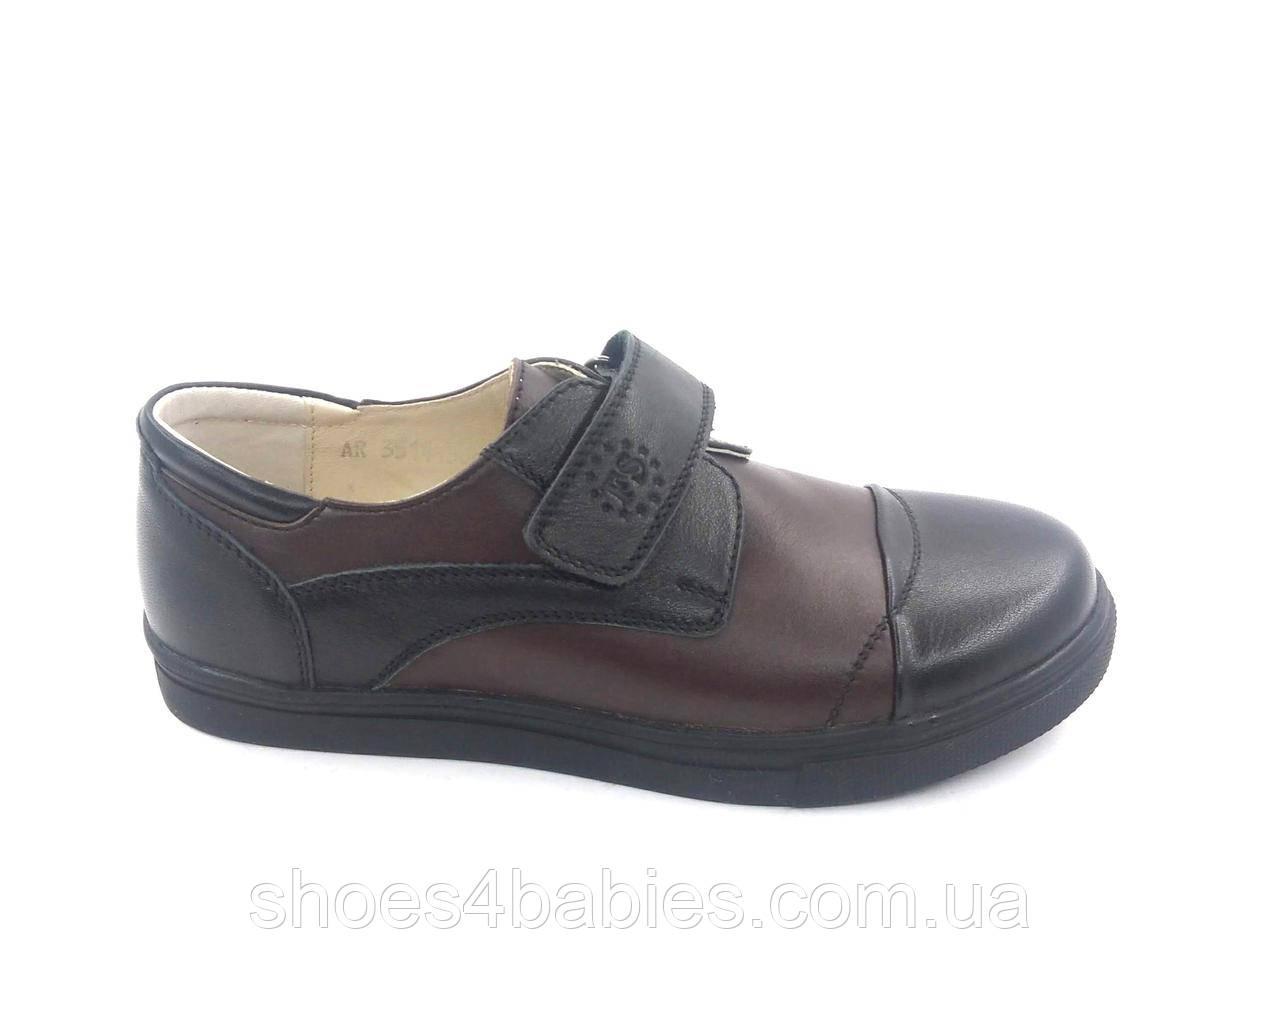 Туфлі шкіряні шкільні р. 37, 38 ТМ FS Collection модель 3514-13